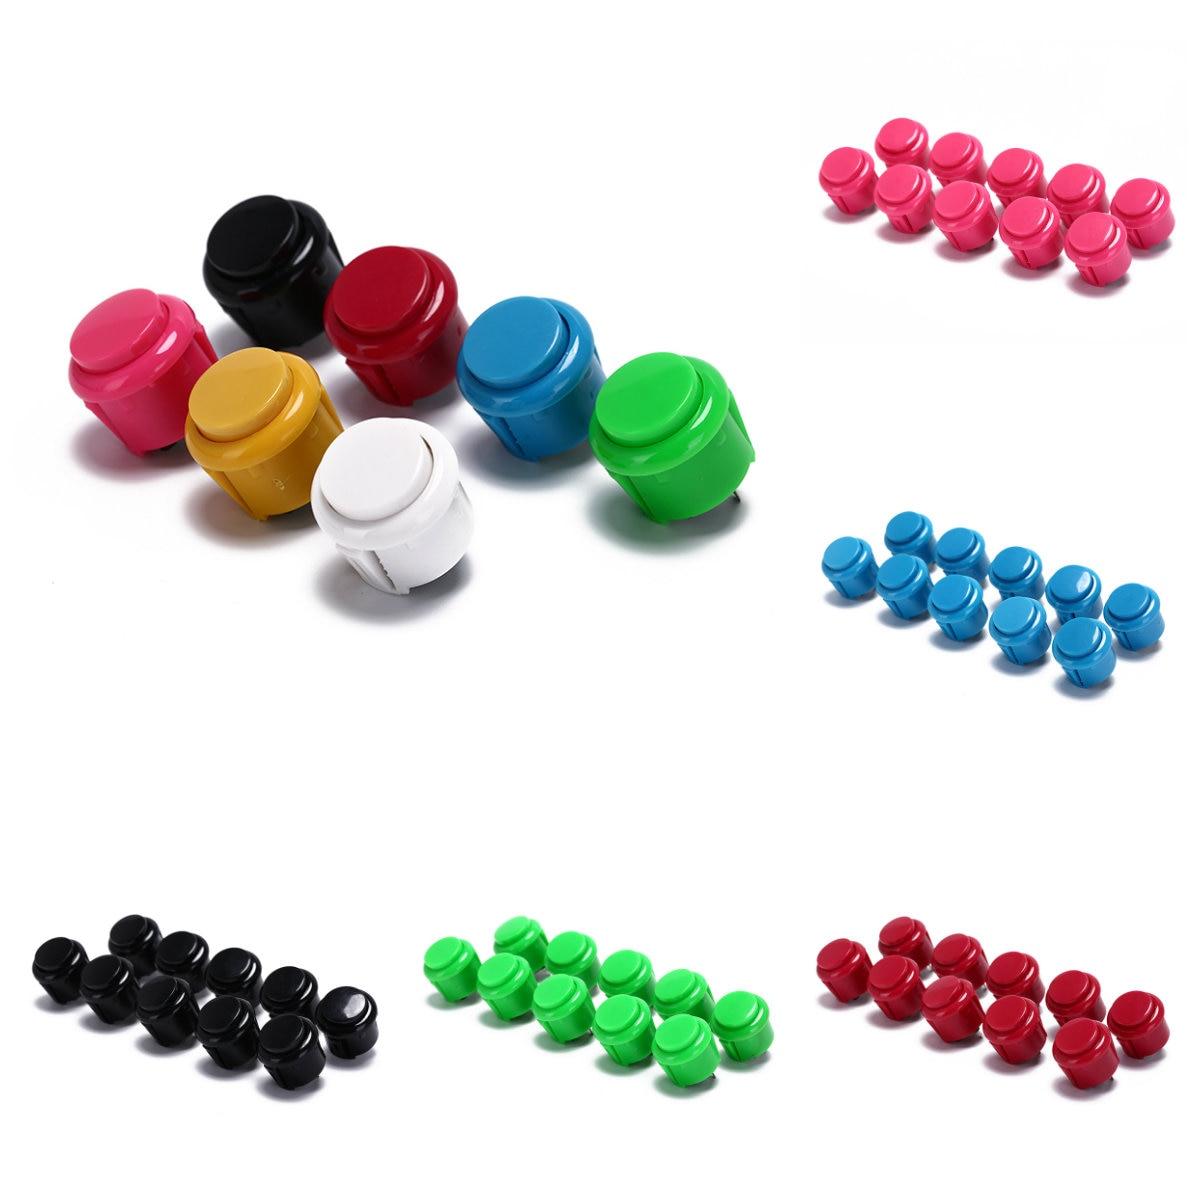 10 Uds. Botón de Arcade de 24mm botón redondo Micro interruptor pequeño integrado para DIY controlador de Arcade Jamma Mame precio de fábrica